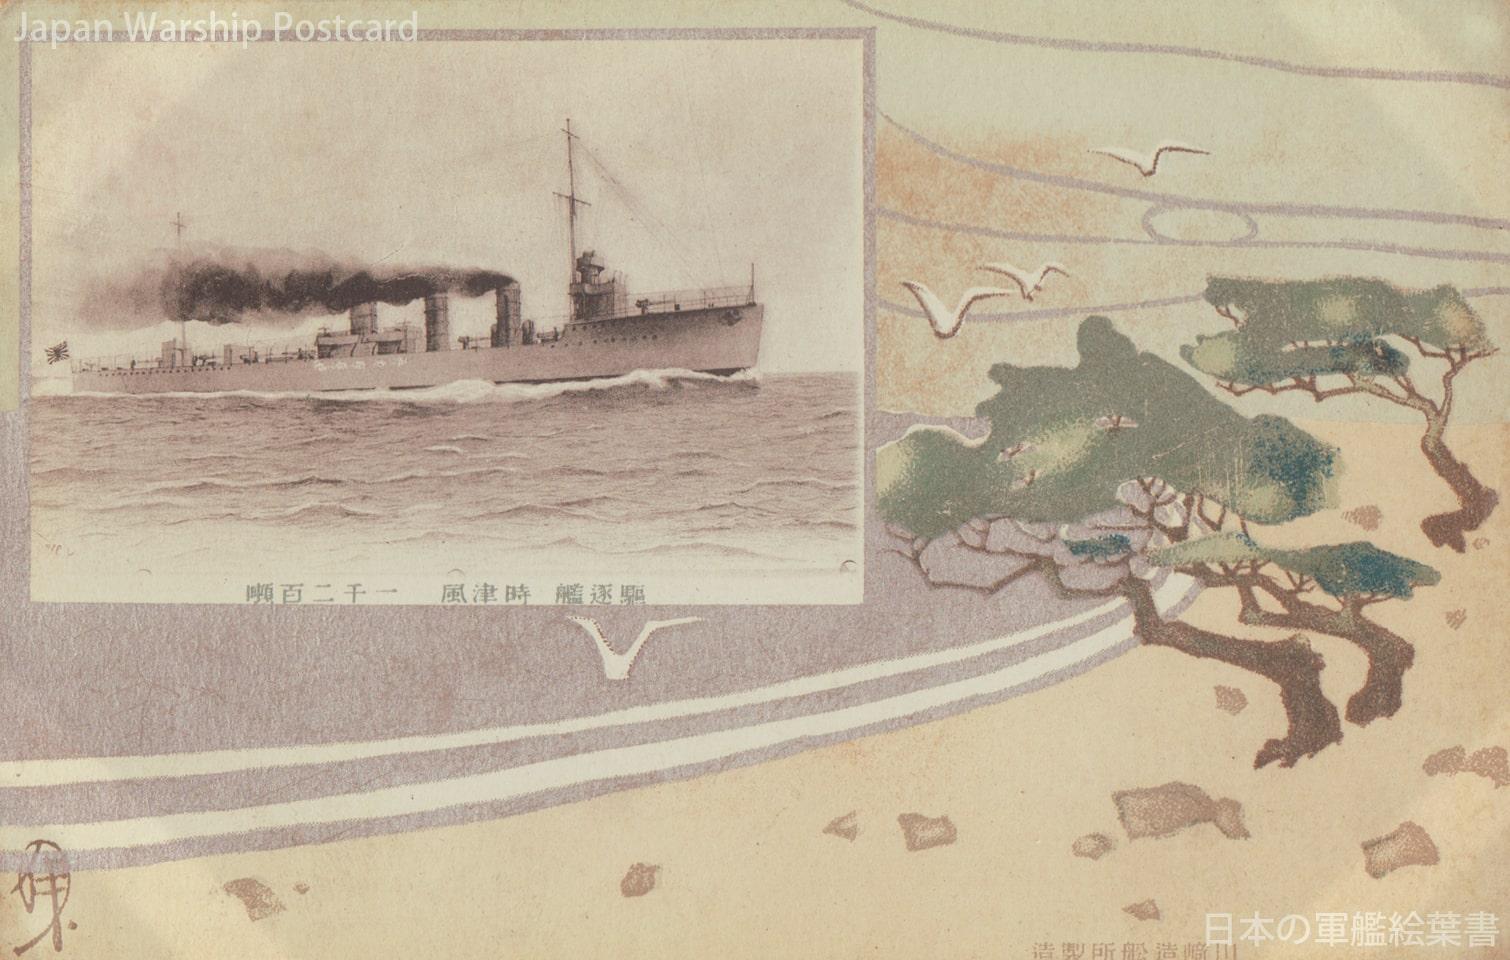 駆逐艦時津風進水記念